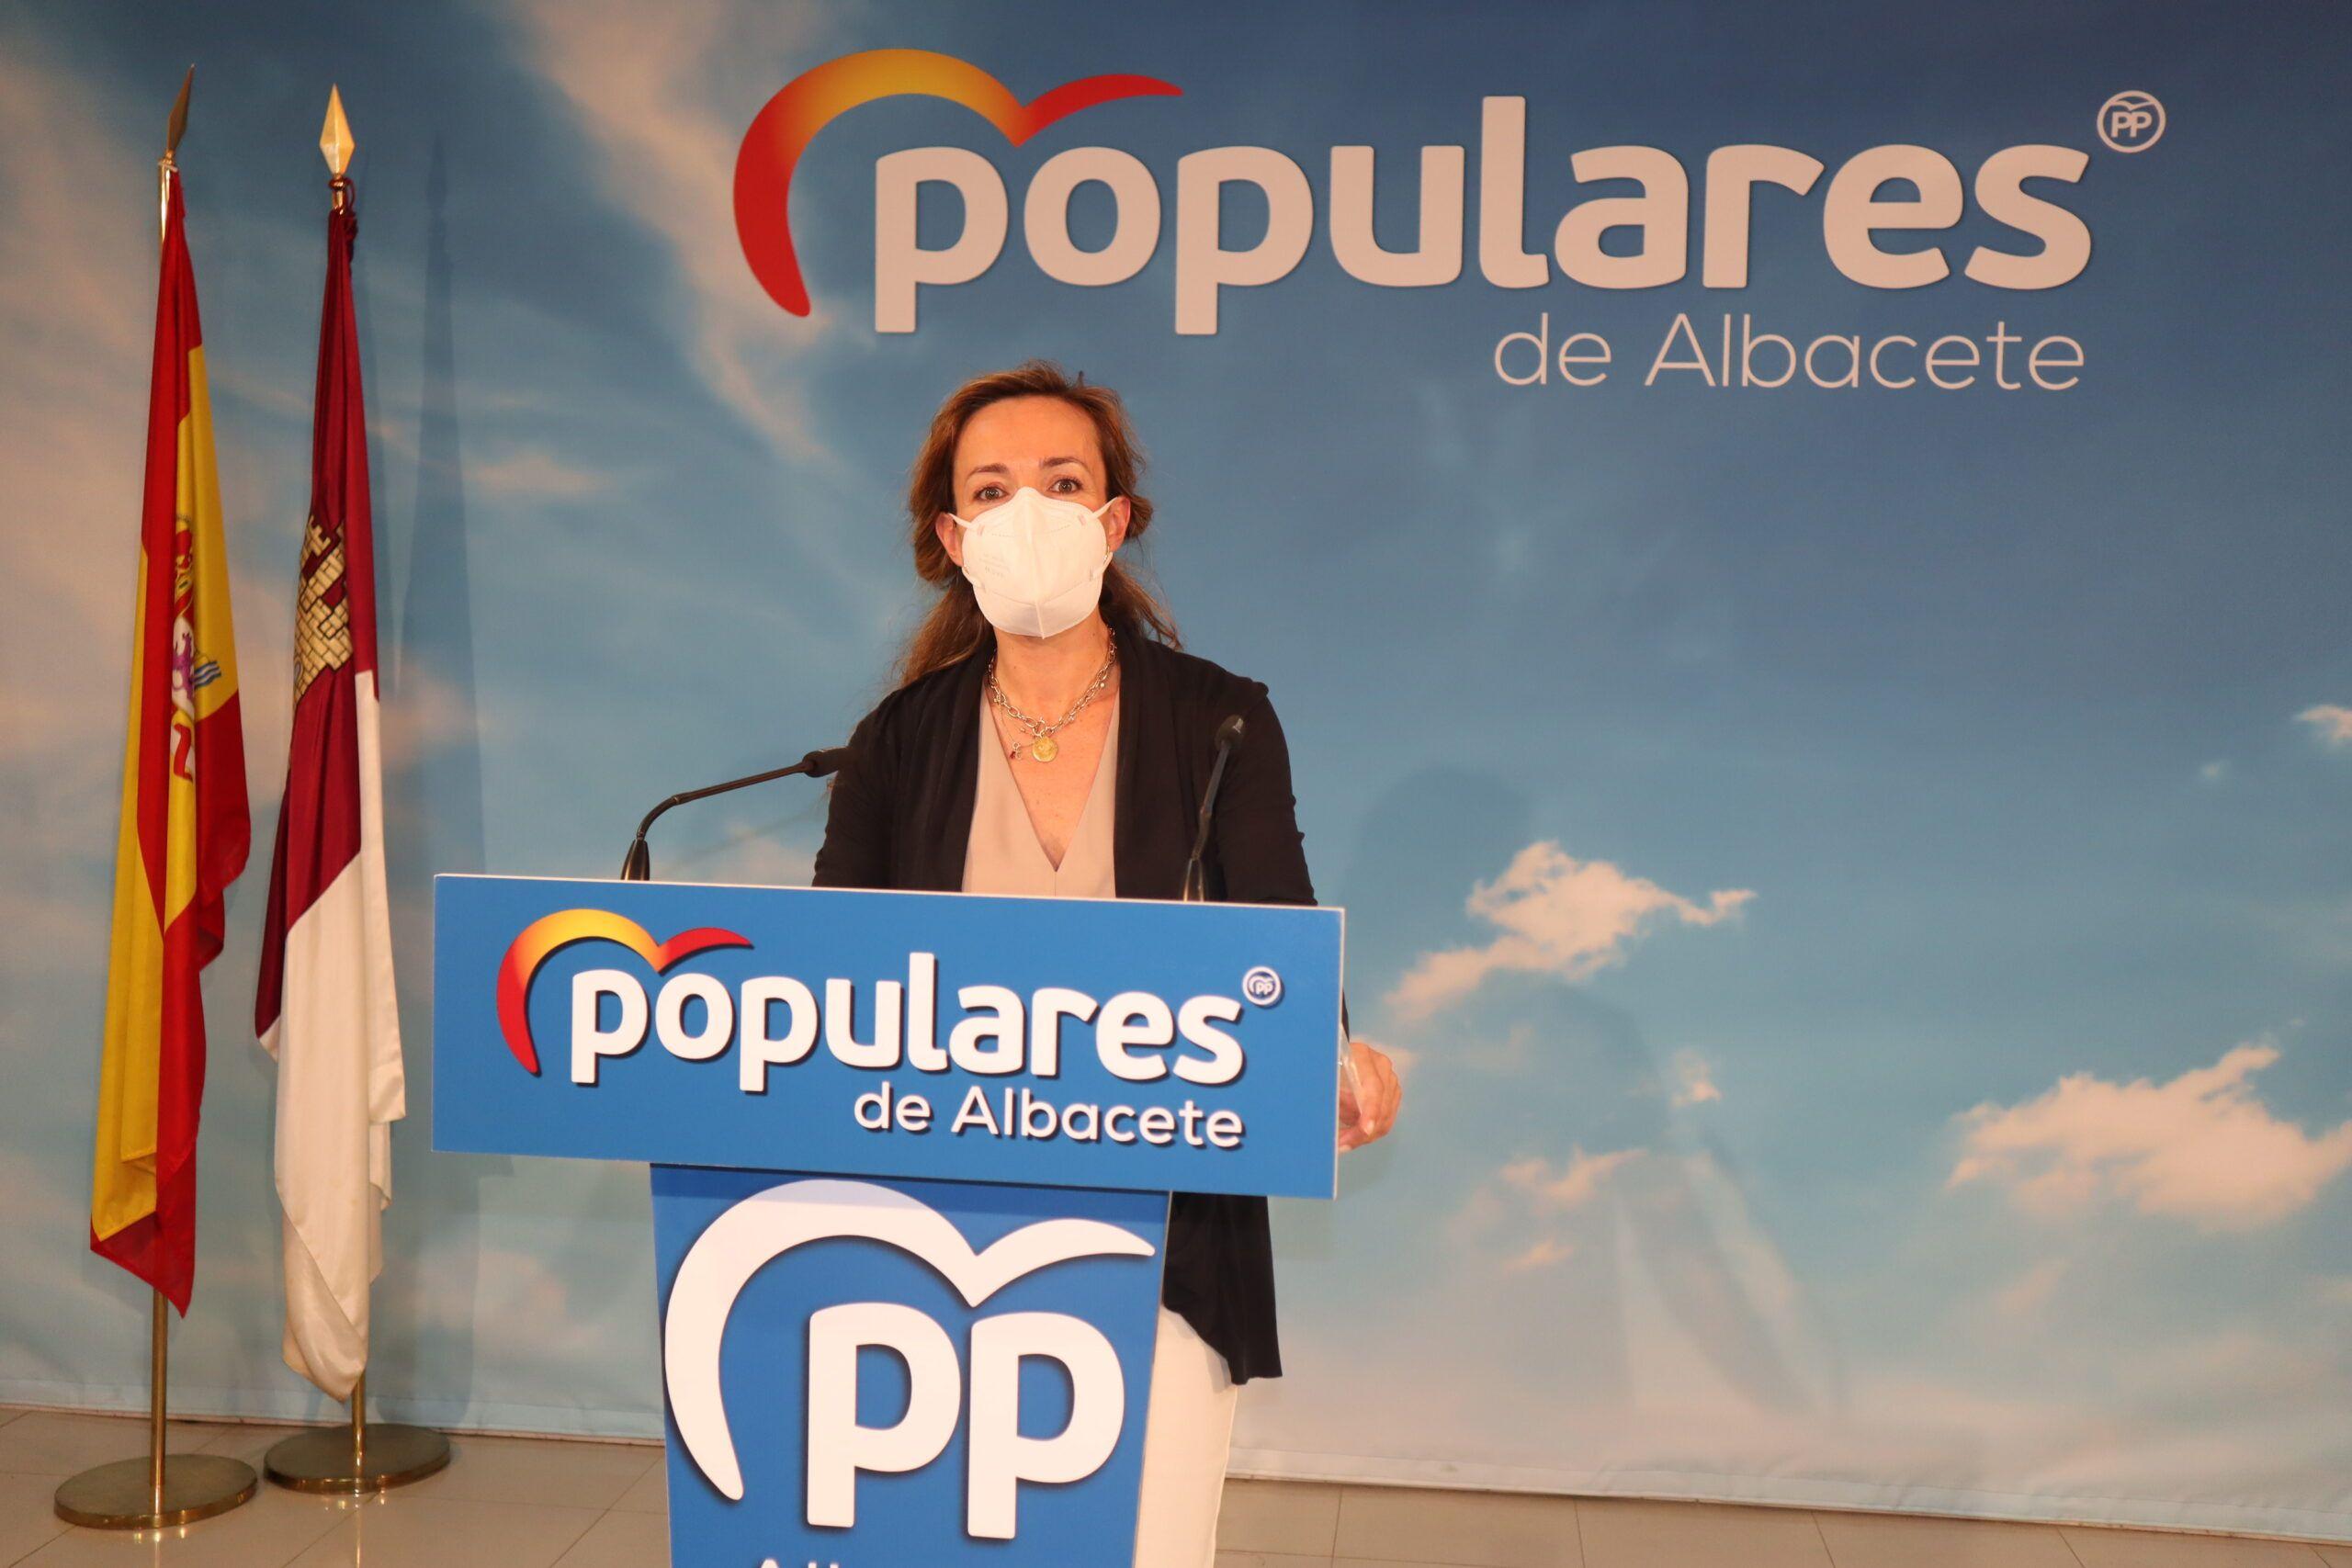 Carmen Navarro exige la dimisión de Pedro Sánchez y la convocatoria de elecciones generales para que los españoles decidan en las urnas el futuro de España